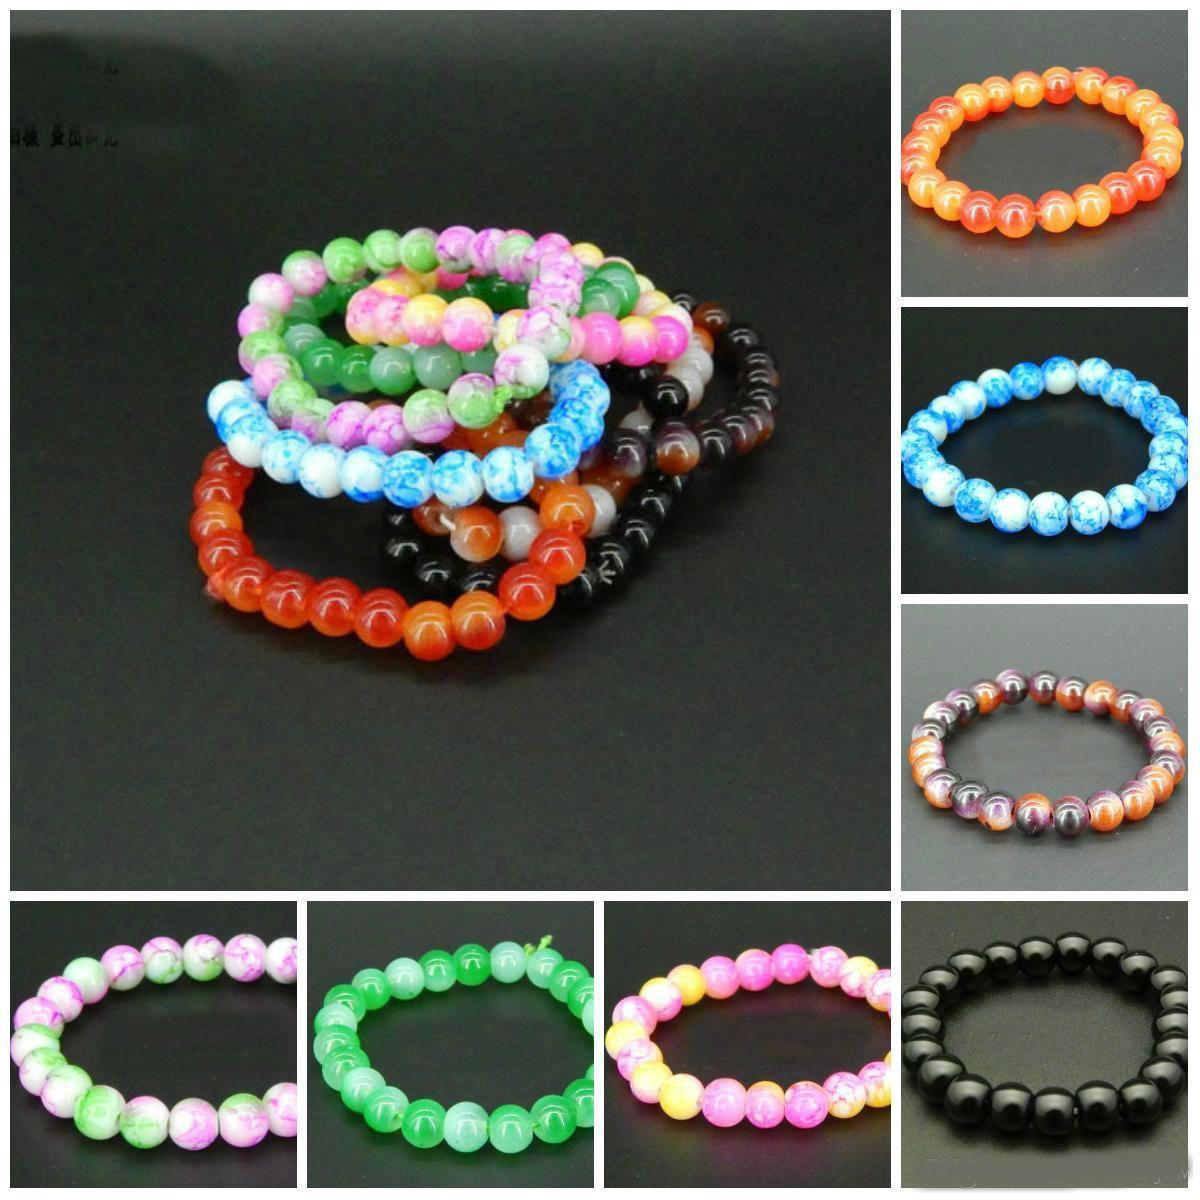 l Braccialetti di perle di vetro per le donne Moda Design romantico Braccialetti belli Braccialetti